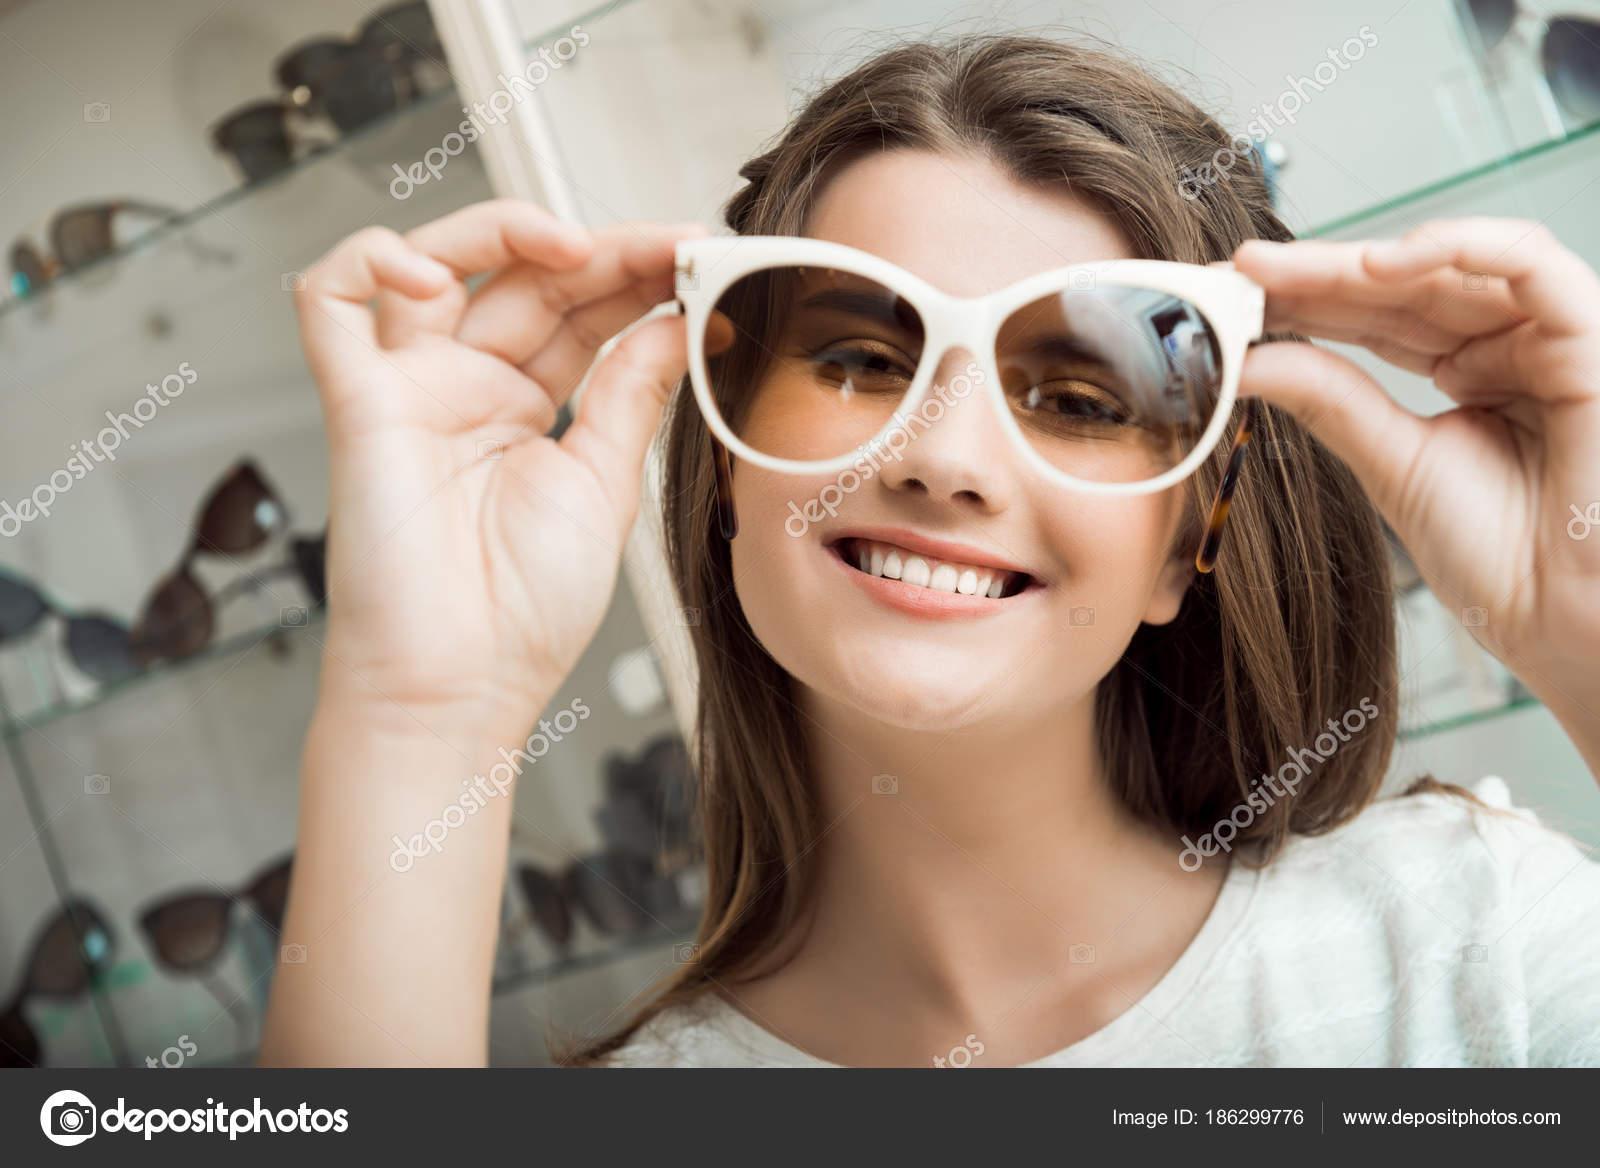 85e97ca2af Όμορφη μελαχρινή κοπέλα χαμογελώντας